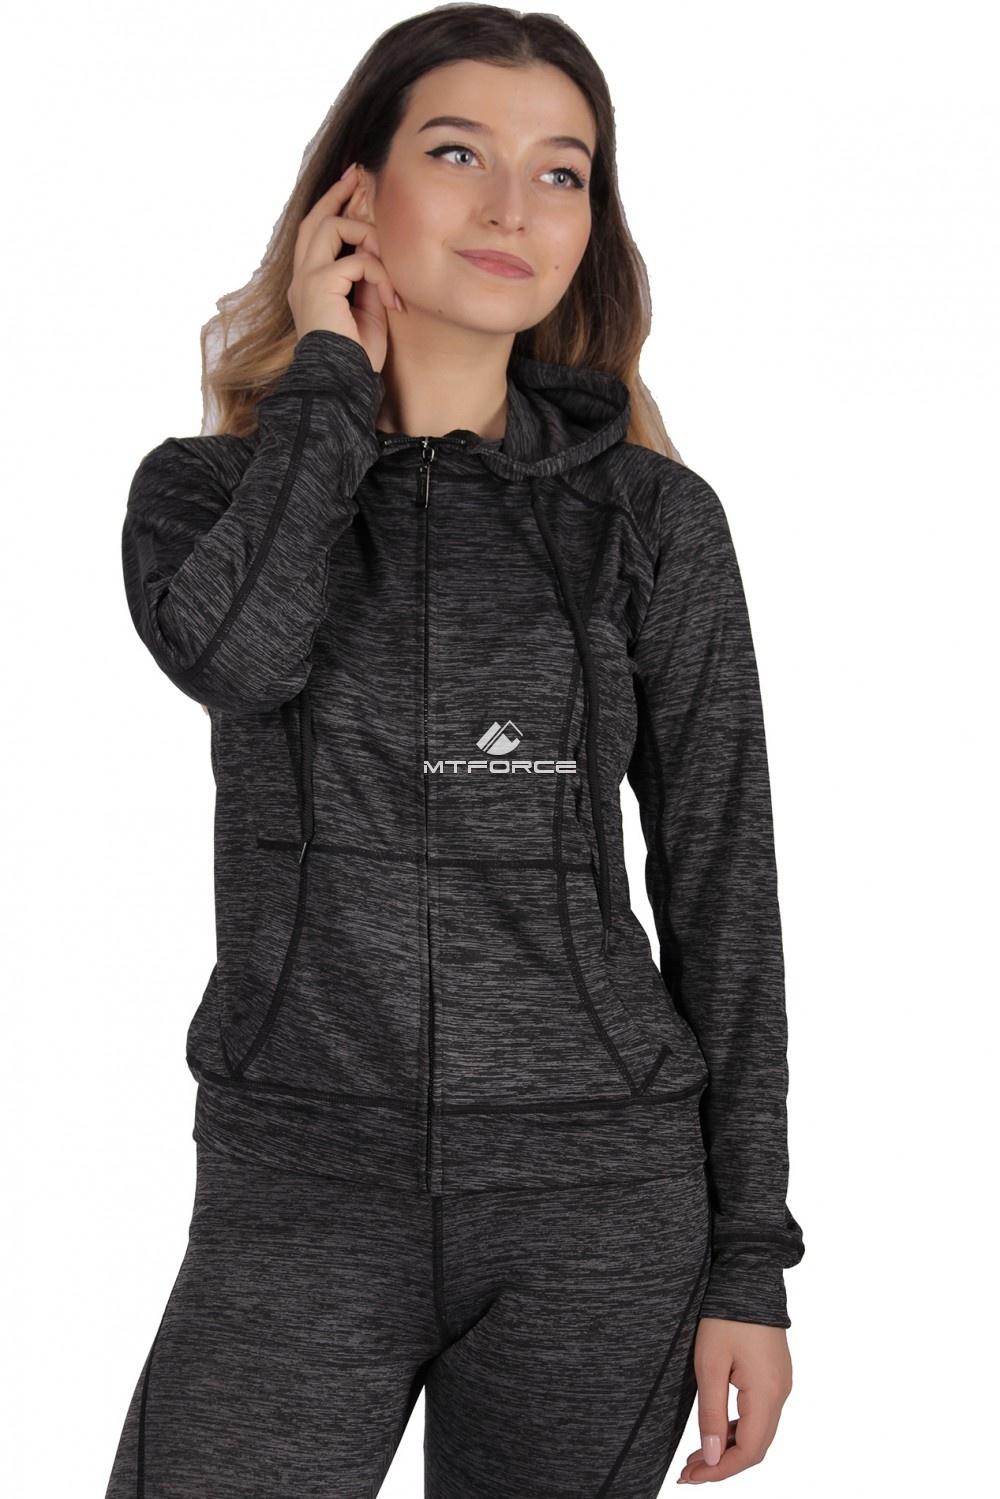 Купить                                  оптом Толстовка женская спортивная темно-серого цвета 1020ТС в Новосибирске